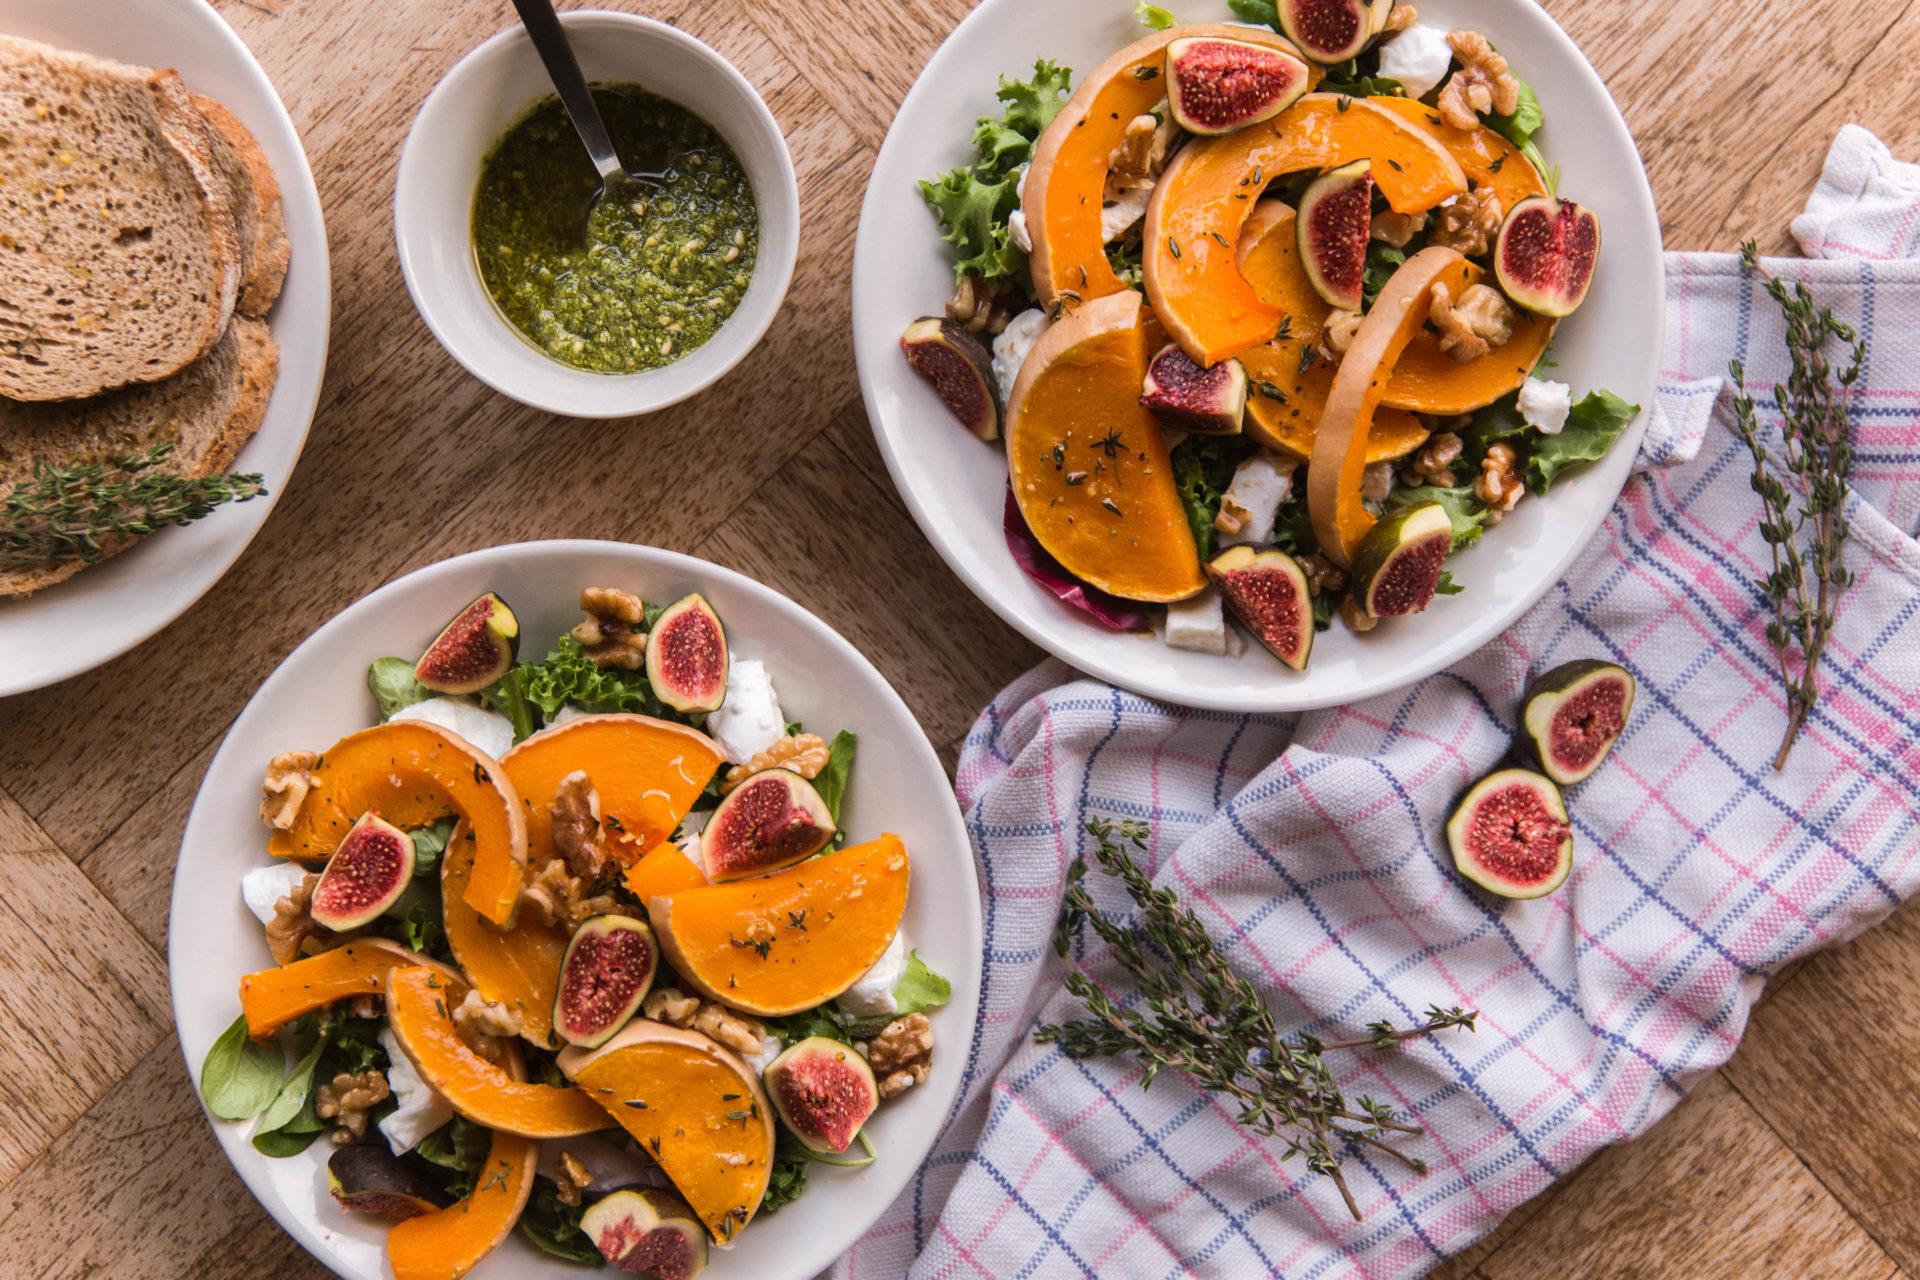 Inspiratie voor vegetarische recepten